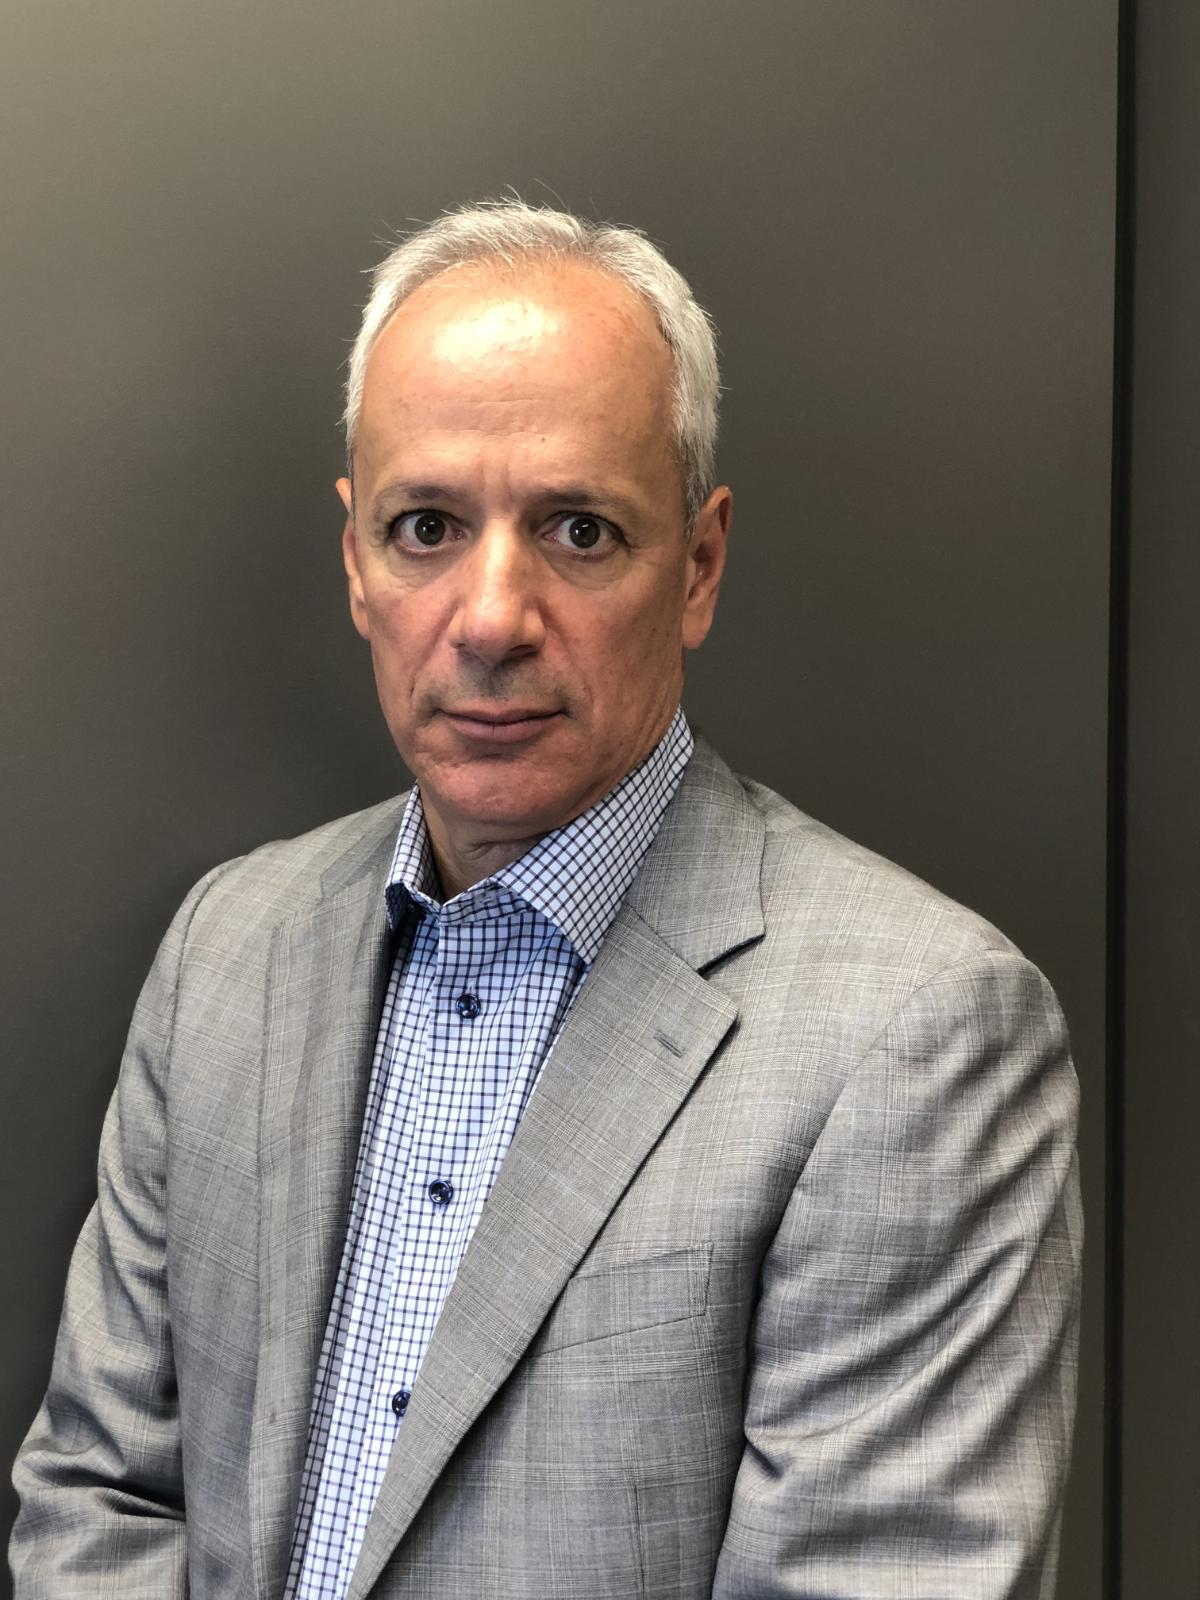 Tony Spagnuolo